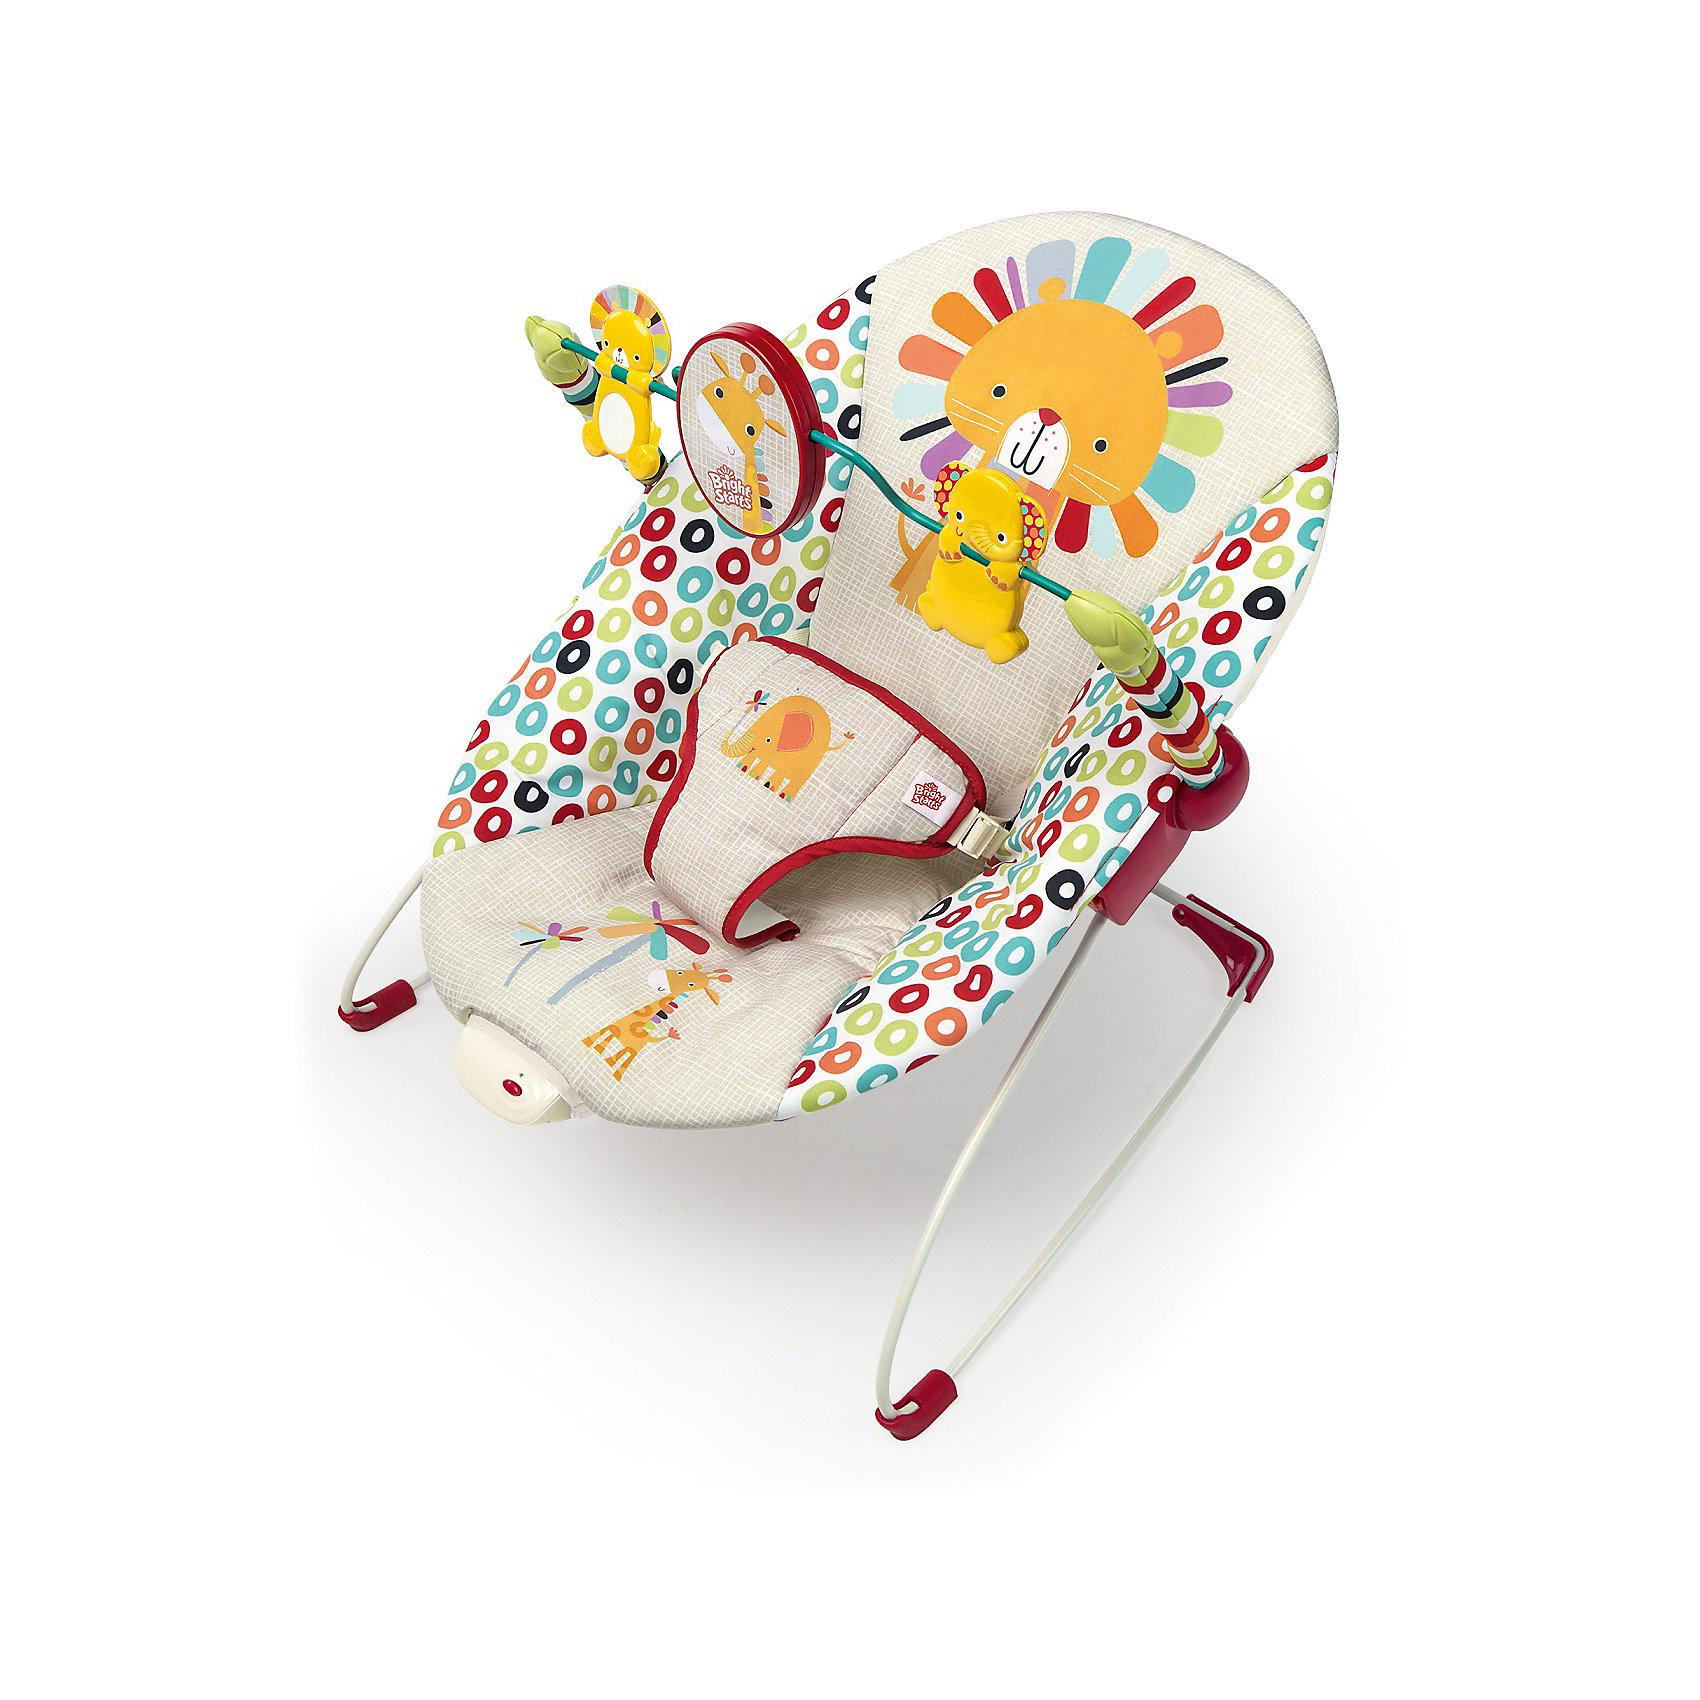 Кресло-качалка Веселые джунгли, Bright StartsЛегкое и удобное кресло-качалка Веселые джунгли, Bright Starts - замечательное место для игр и отдыха малыша с рождения до 9 кг. (6 месяцев). Яркие узоры и изображения забавных африканских животных привлекут внимание малыша. Анатомическая конструкция кресла обеспечивает правильное положение. Мягкое широкое сиденье со съемной моющейся подкладкой хорошо поддерживает спинку малыша и создает оптимальный комфорт. Ребенок надежно удерживается в кресле при помощи мягкого трехточечного ремня безопасности, ножки имеют антискользящее покрытие. Кресло оснащено функциями вибрации и механического качания назад-вперед, что поможет успокоить ребенка. Для развлечения малыша в комплекте предусмотрена съемная дуга с зеркальцем и подвесными игрушками (львенок и слоненок), которые будут способствовать двигательной активности, тактильному и сенсорному развитию. Кресло-качалка легко складывается и не занимает много места при хранении. Чехол из ткани можно стирать в стиральной машине при температуре 30 градусов. Максимальный вес ребенка - 9  кг.<br><br>Дополнительная информация:<br><br>- Материал: текстиль, пластик, металл.<br>- Возраст: 0-6 мес.<br>- Требуются батарейки: 4 x CLR14 (не входят в комплект).<br>- Размер в разложенном виде: 49 х 54 х 43 см.<br>- Размер упаковки: 57 x 46 x 9 см.<br>- Вес: 4,6 кг.<br><br>Кресло-качалку Веселые джунгли, Bright Starts, можно купить в нашем интернет-магазине.<br><br>Ширина мм: 502<br>Глубина мм: 324<br>Высота мм: 85<br>Вес г: 2690<br>Возраст от месяцев: 0<br>Возраст до месяцев: 12<br>Пол: Унисекс<br>Возраст: Детский<br>SKU: 4214630